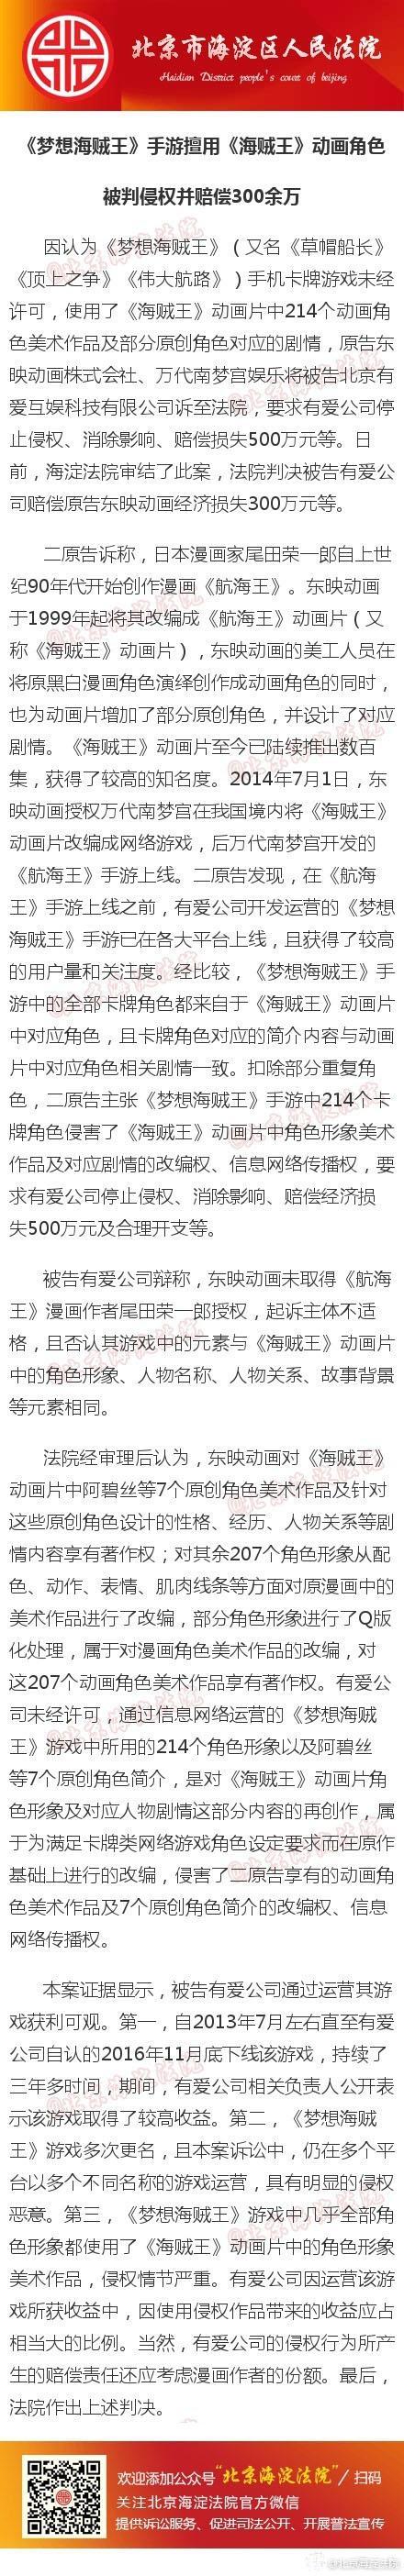 手游擅用《海贼王》角色 被判侵权并赔偿300万元